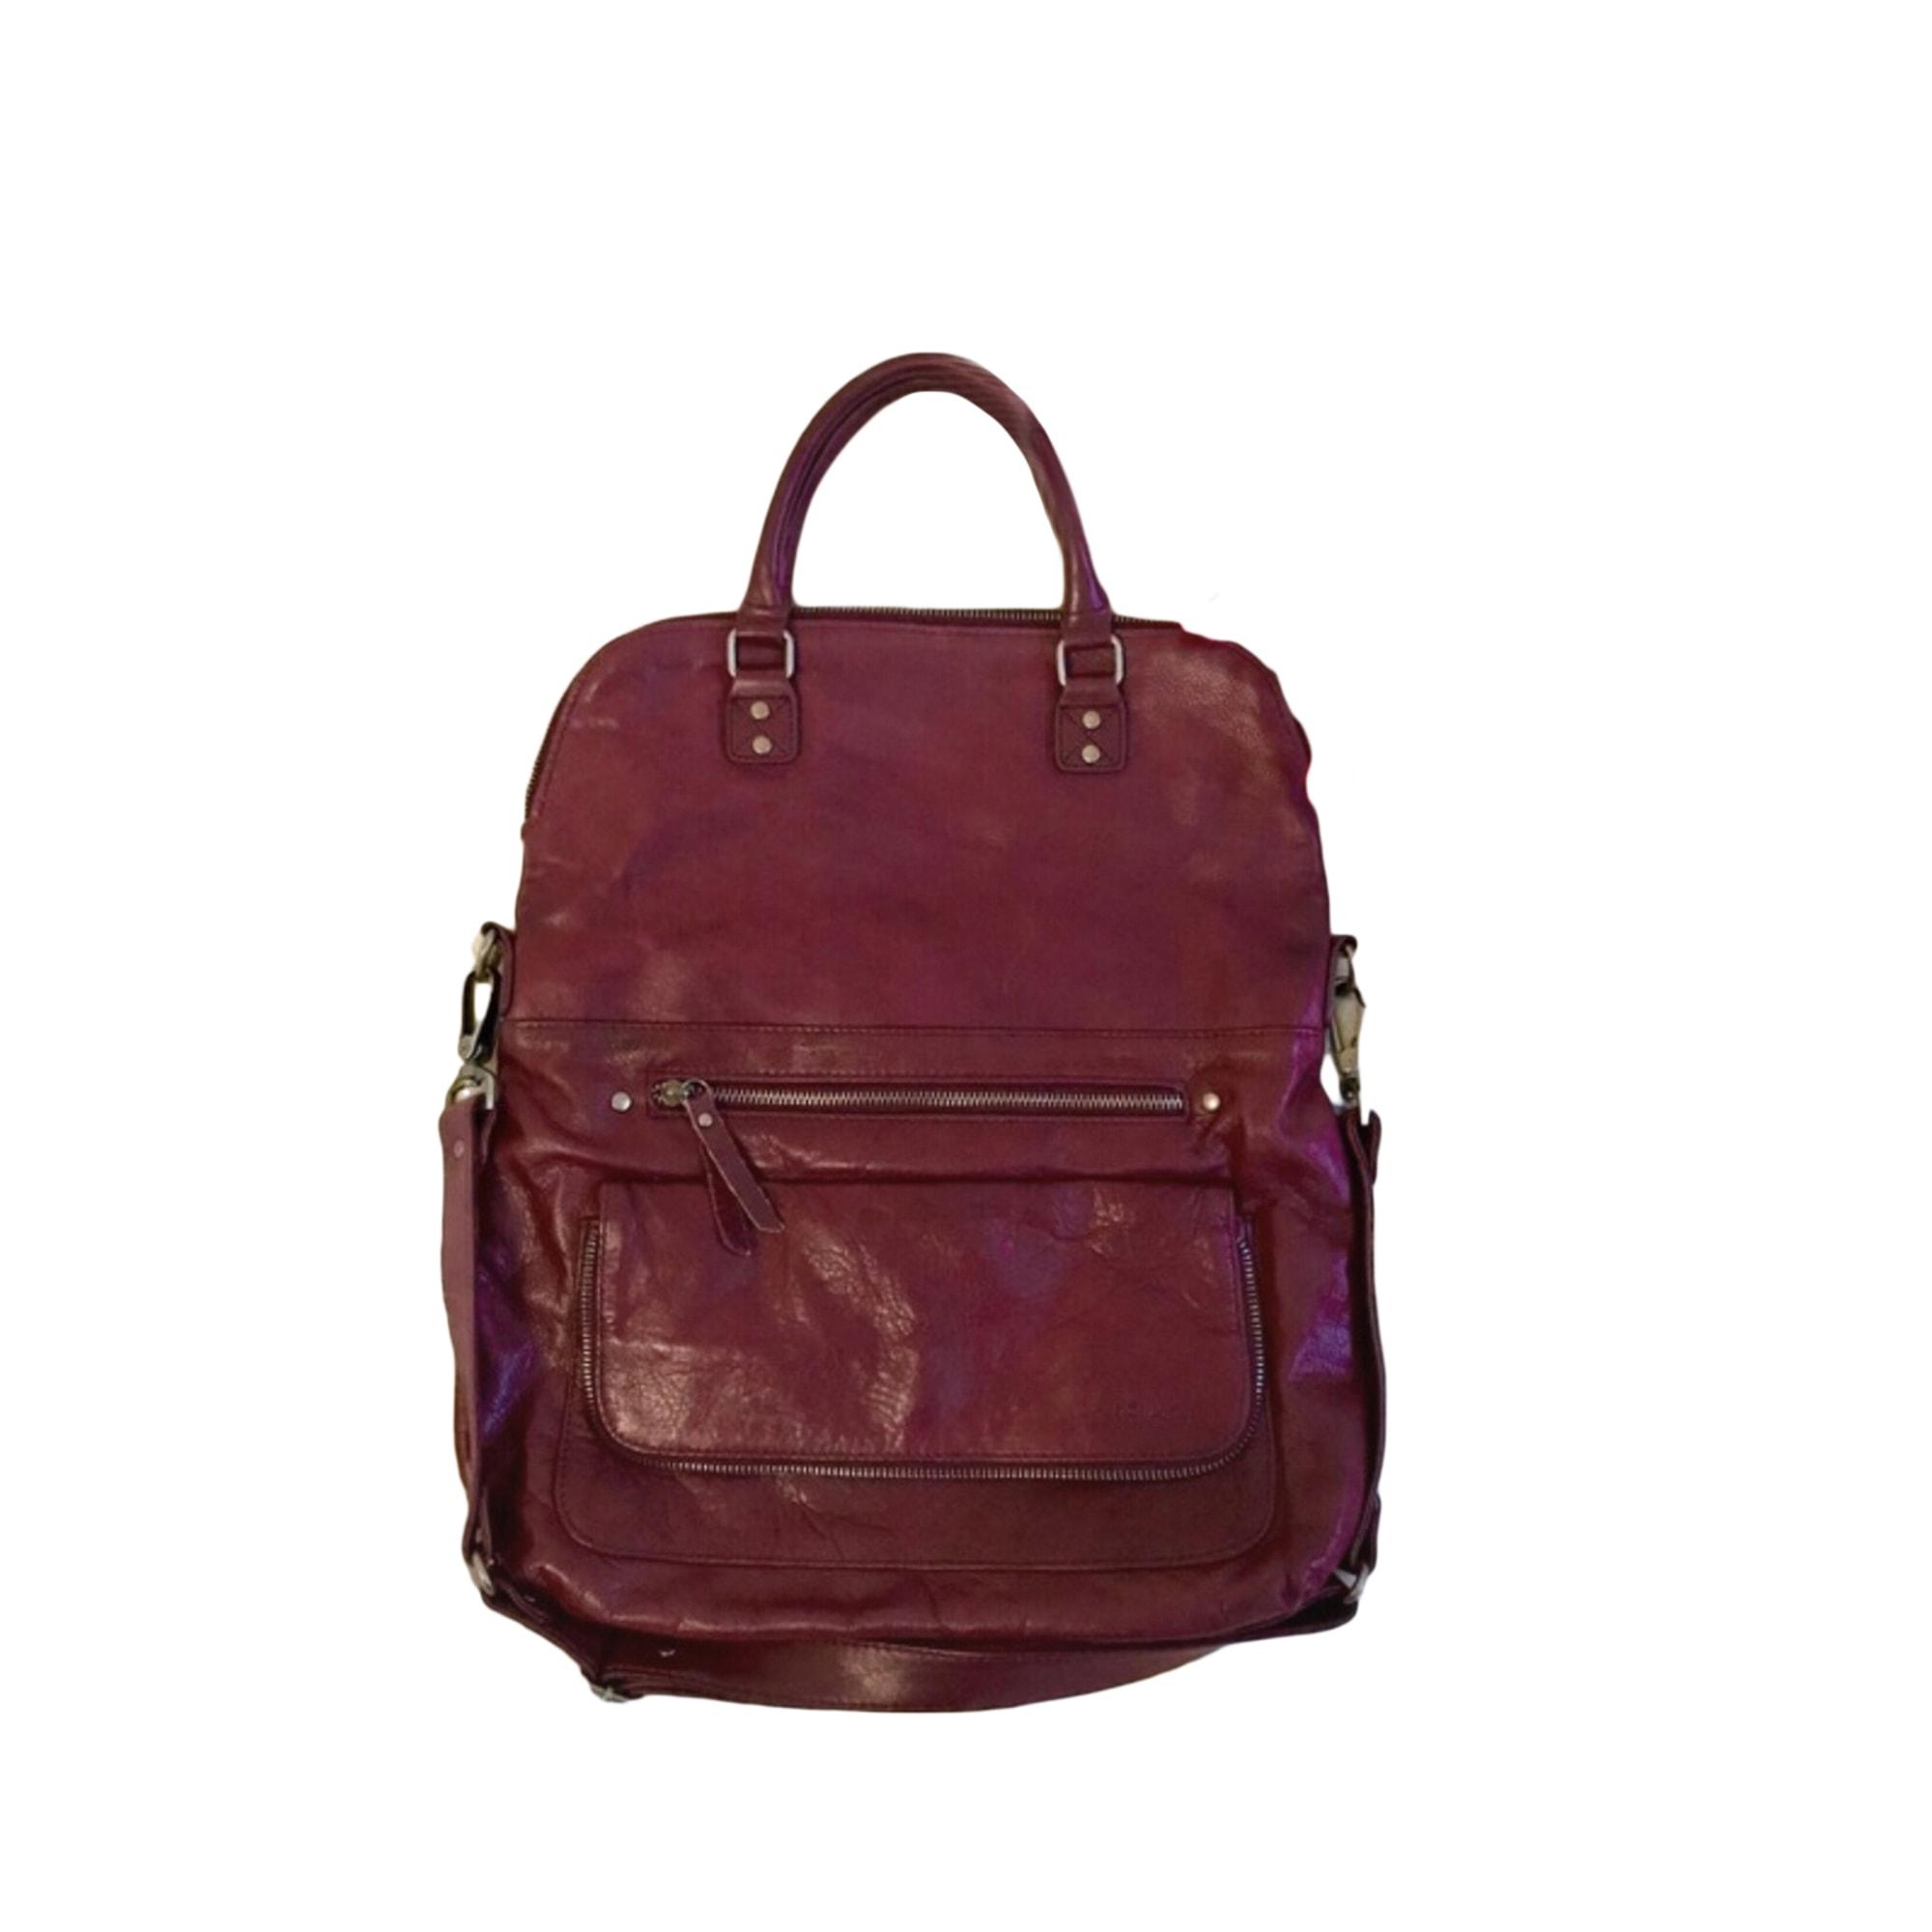 Leather Shoulder Bag NAT & NIN Red, burgundy